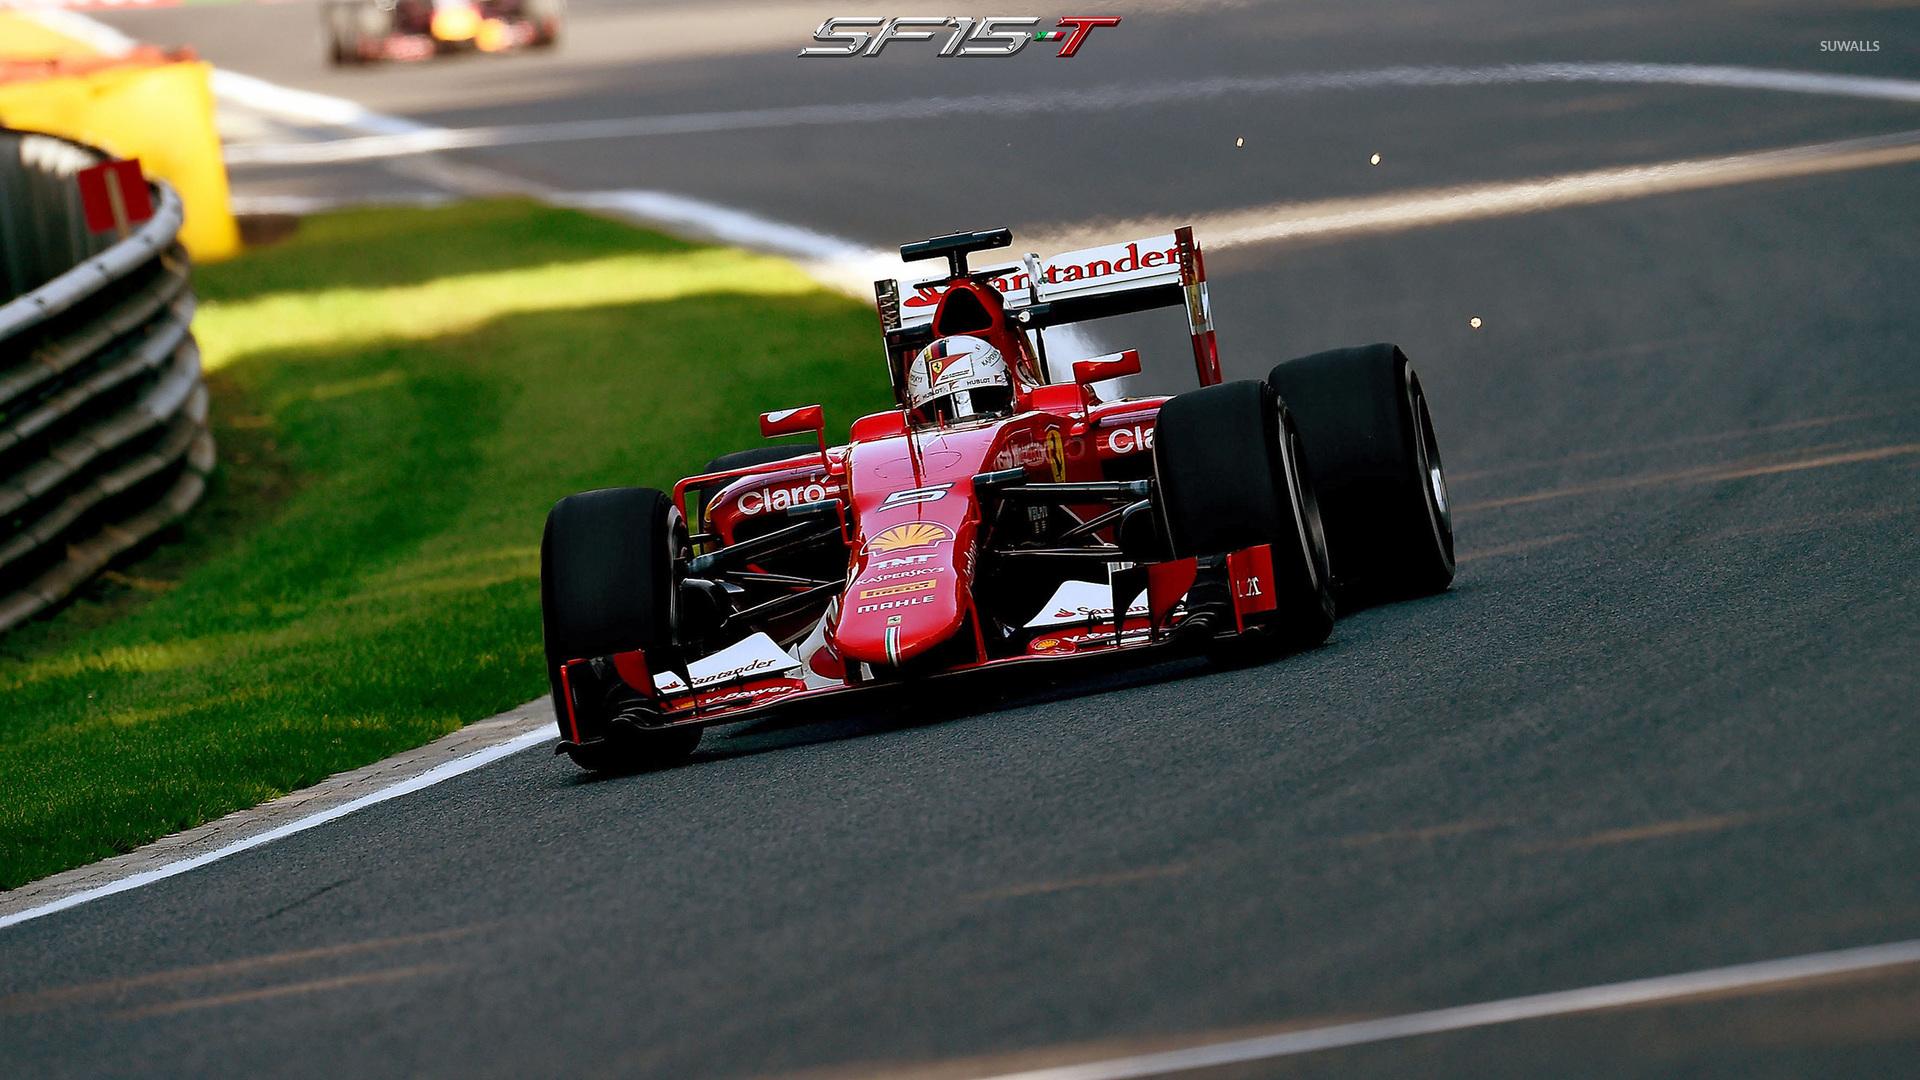 F1 wallpaper for walls